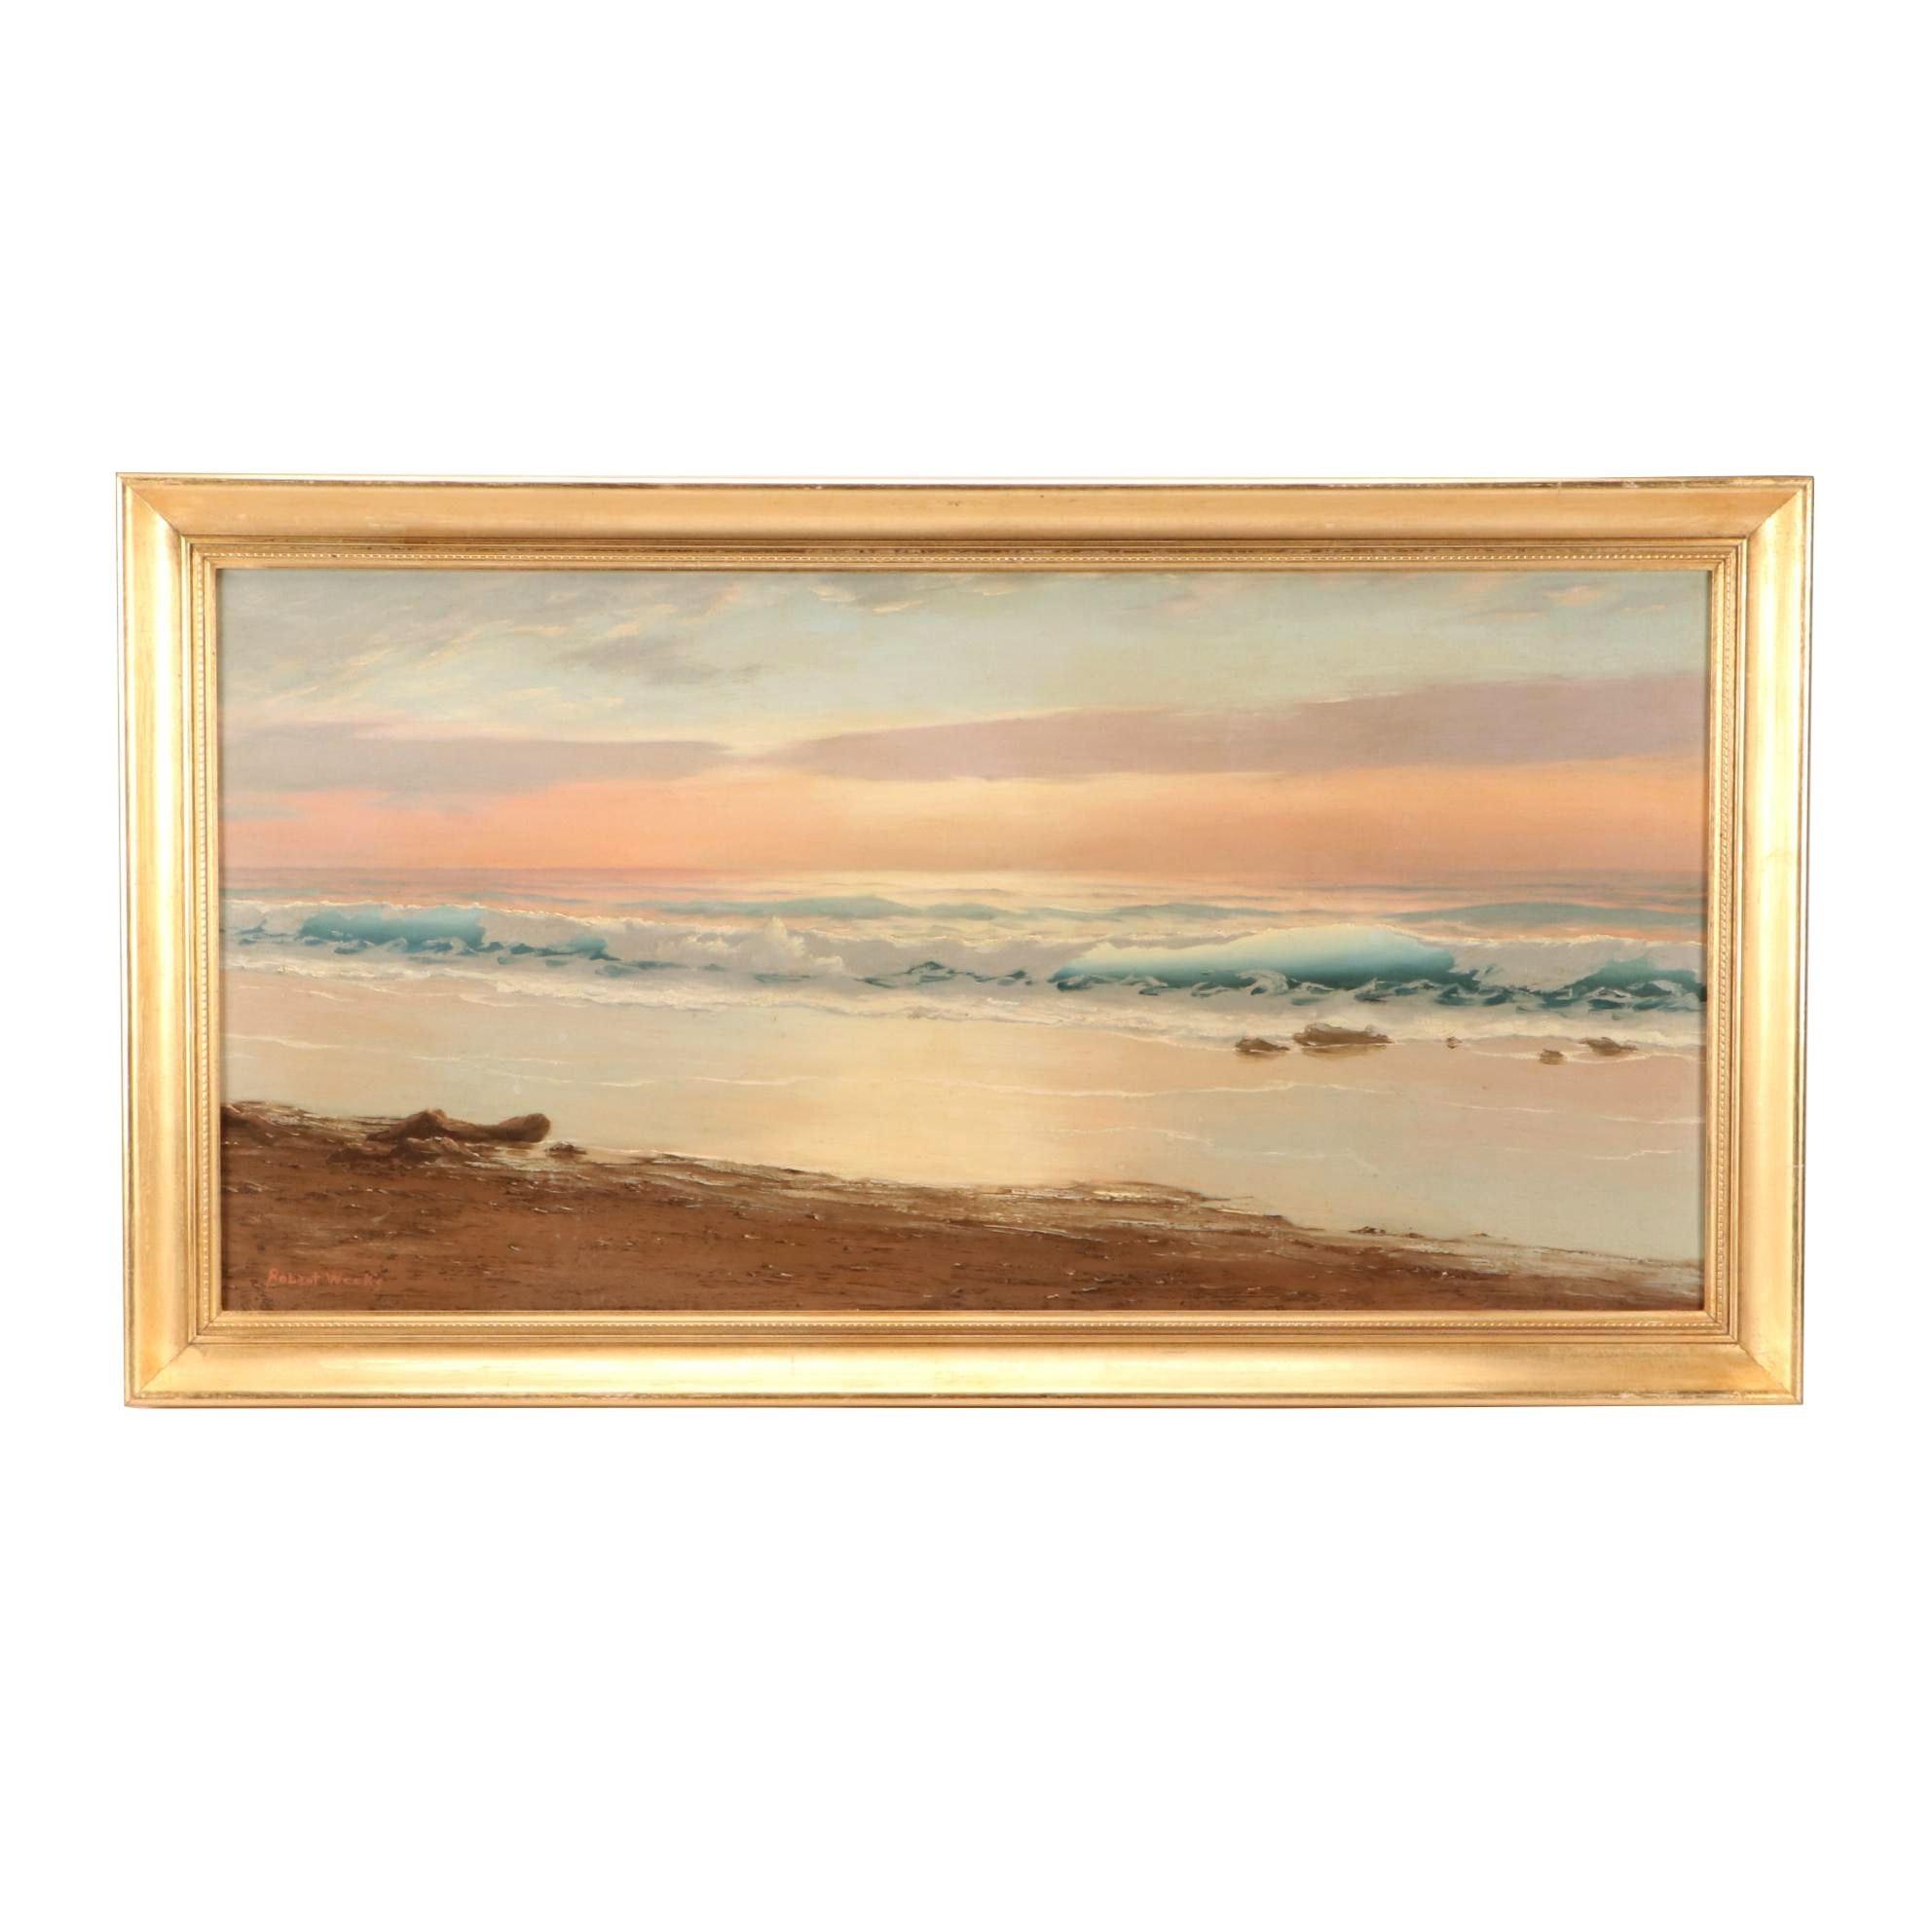 Robert Weeks Oil Painting of Coastal Sunset